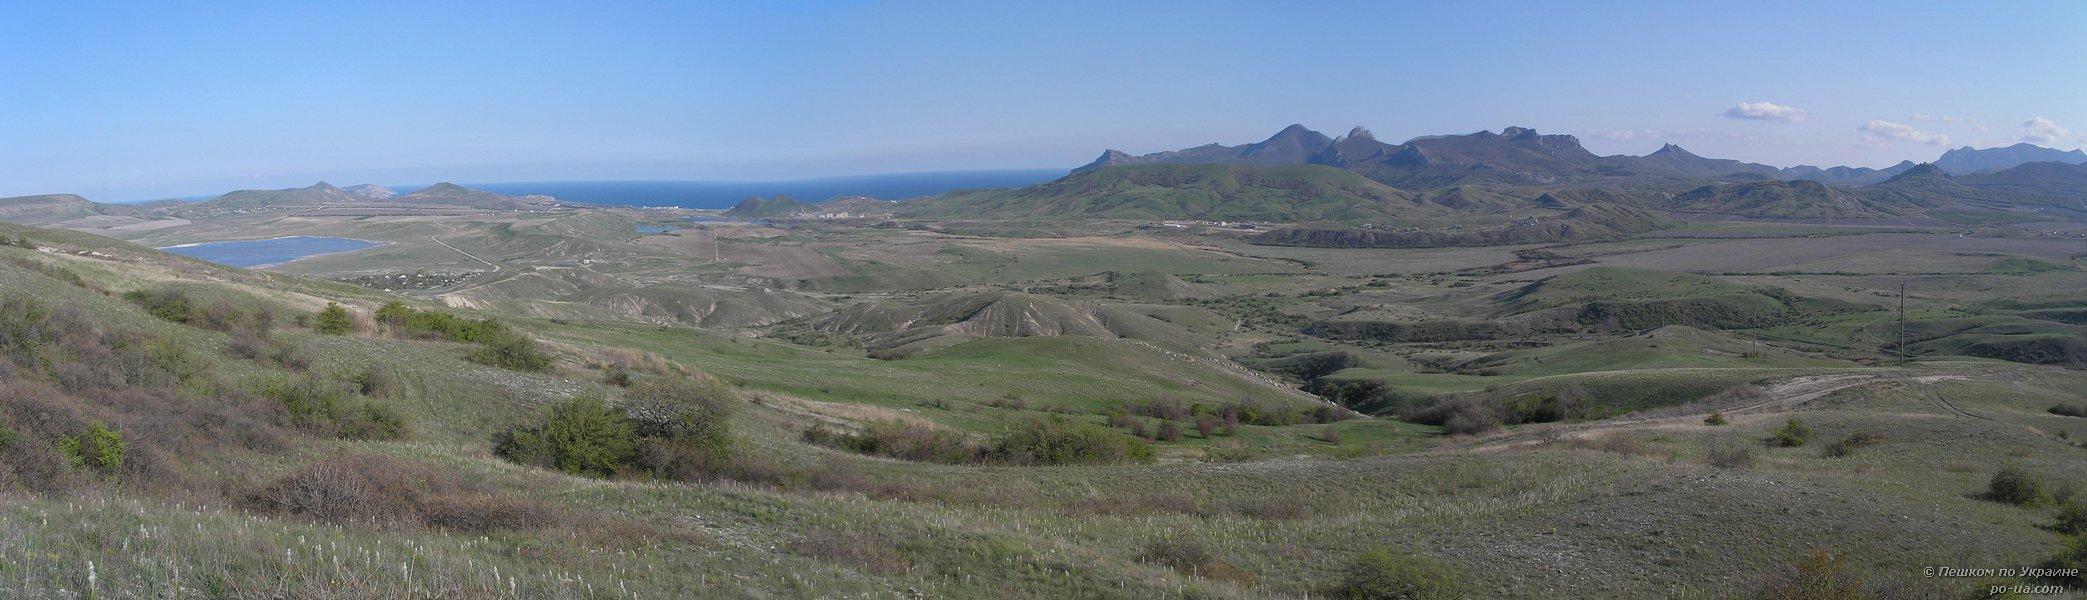 Вид на Коктебельский залив и Карадаг с горы Коклюк